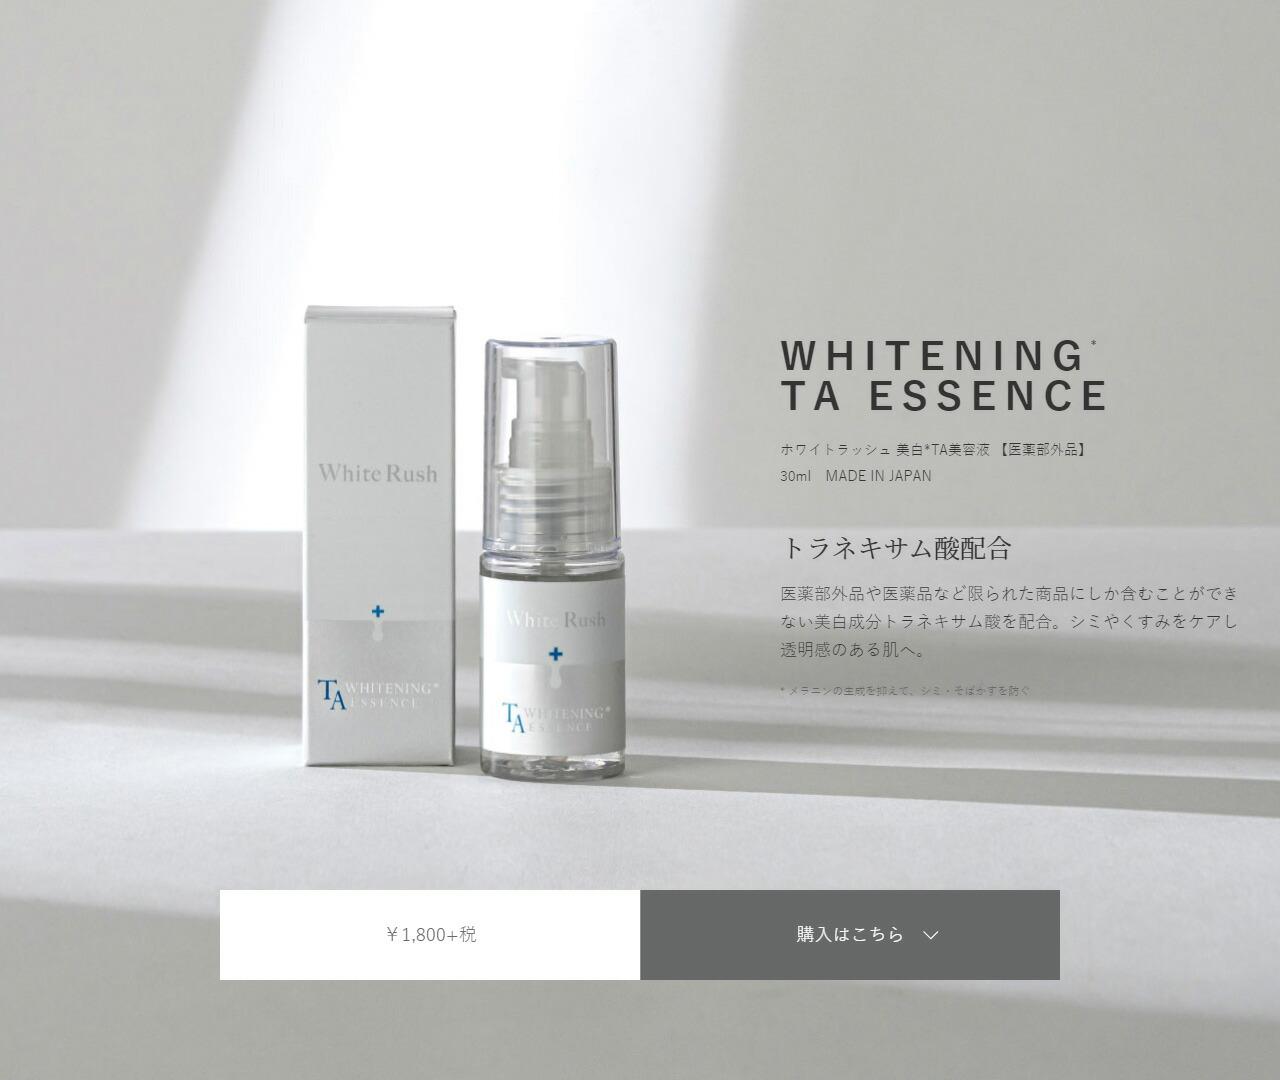 ホワイトラッシュ美白TA美容液